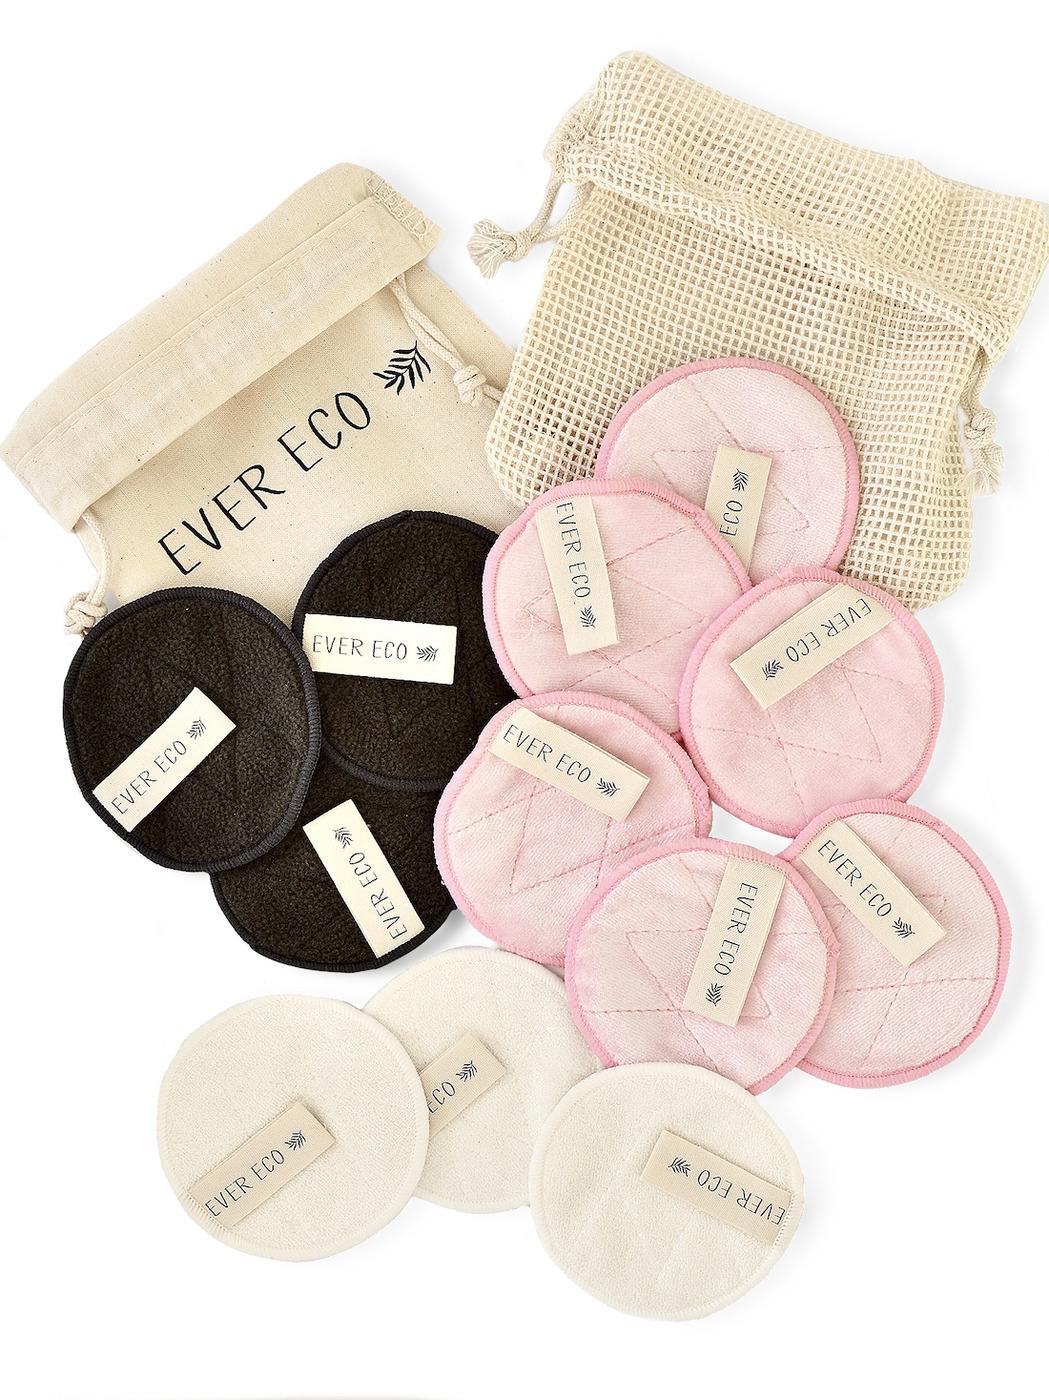 Органические бамбуковые спонжи (диски) для умывания и демакияжа, многоразового использования, 12 шт, мешочек для хранения 1 шт, мешочек для стирки 1 шт